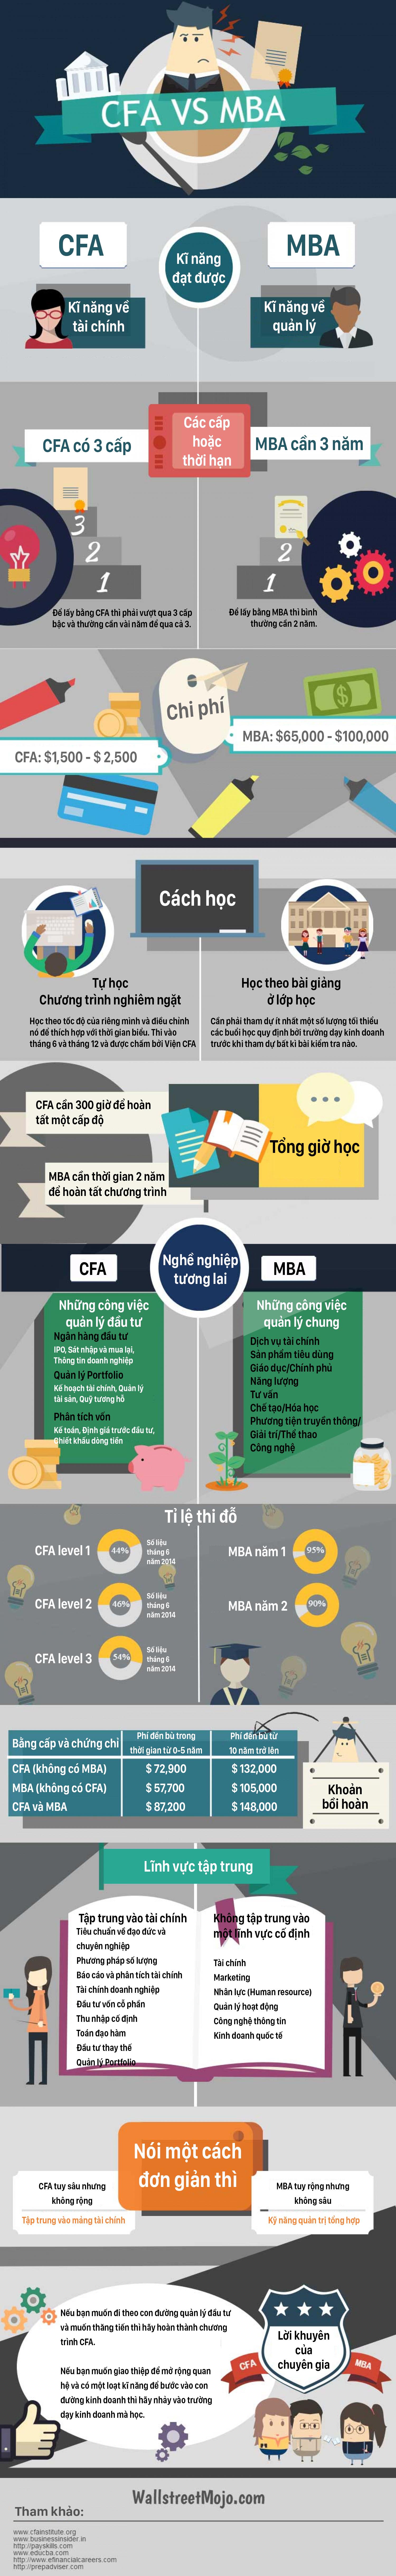 cfa vs mba infographic.